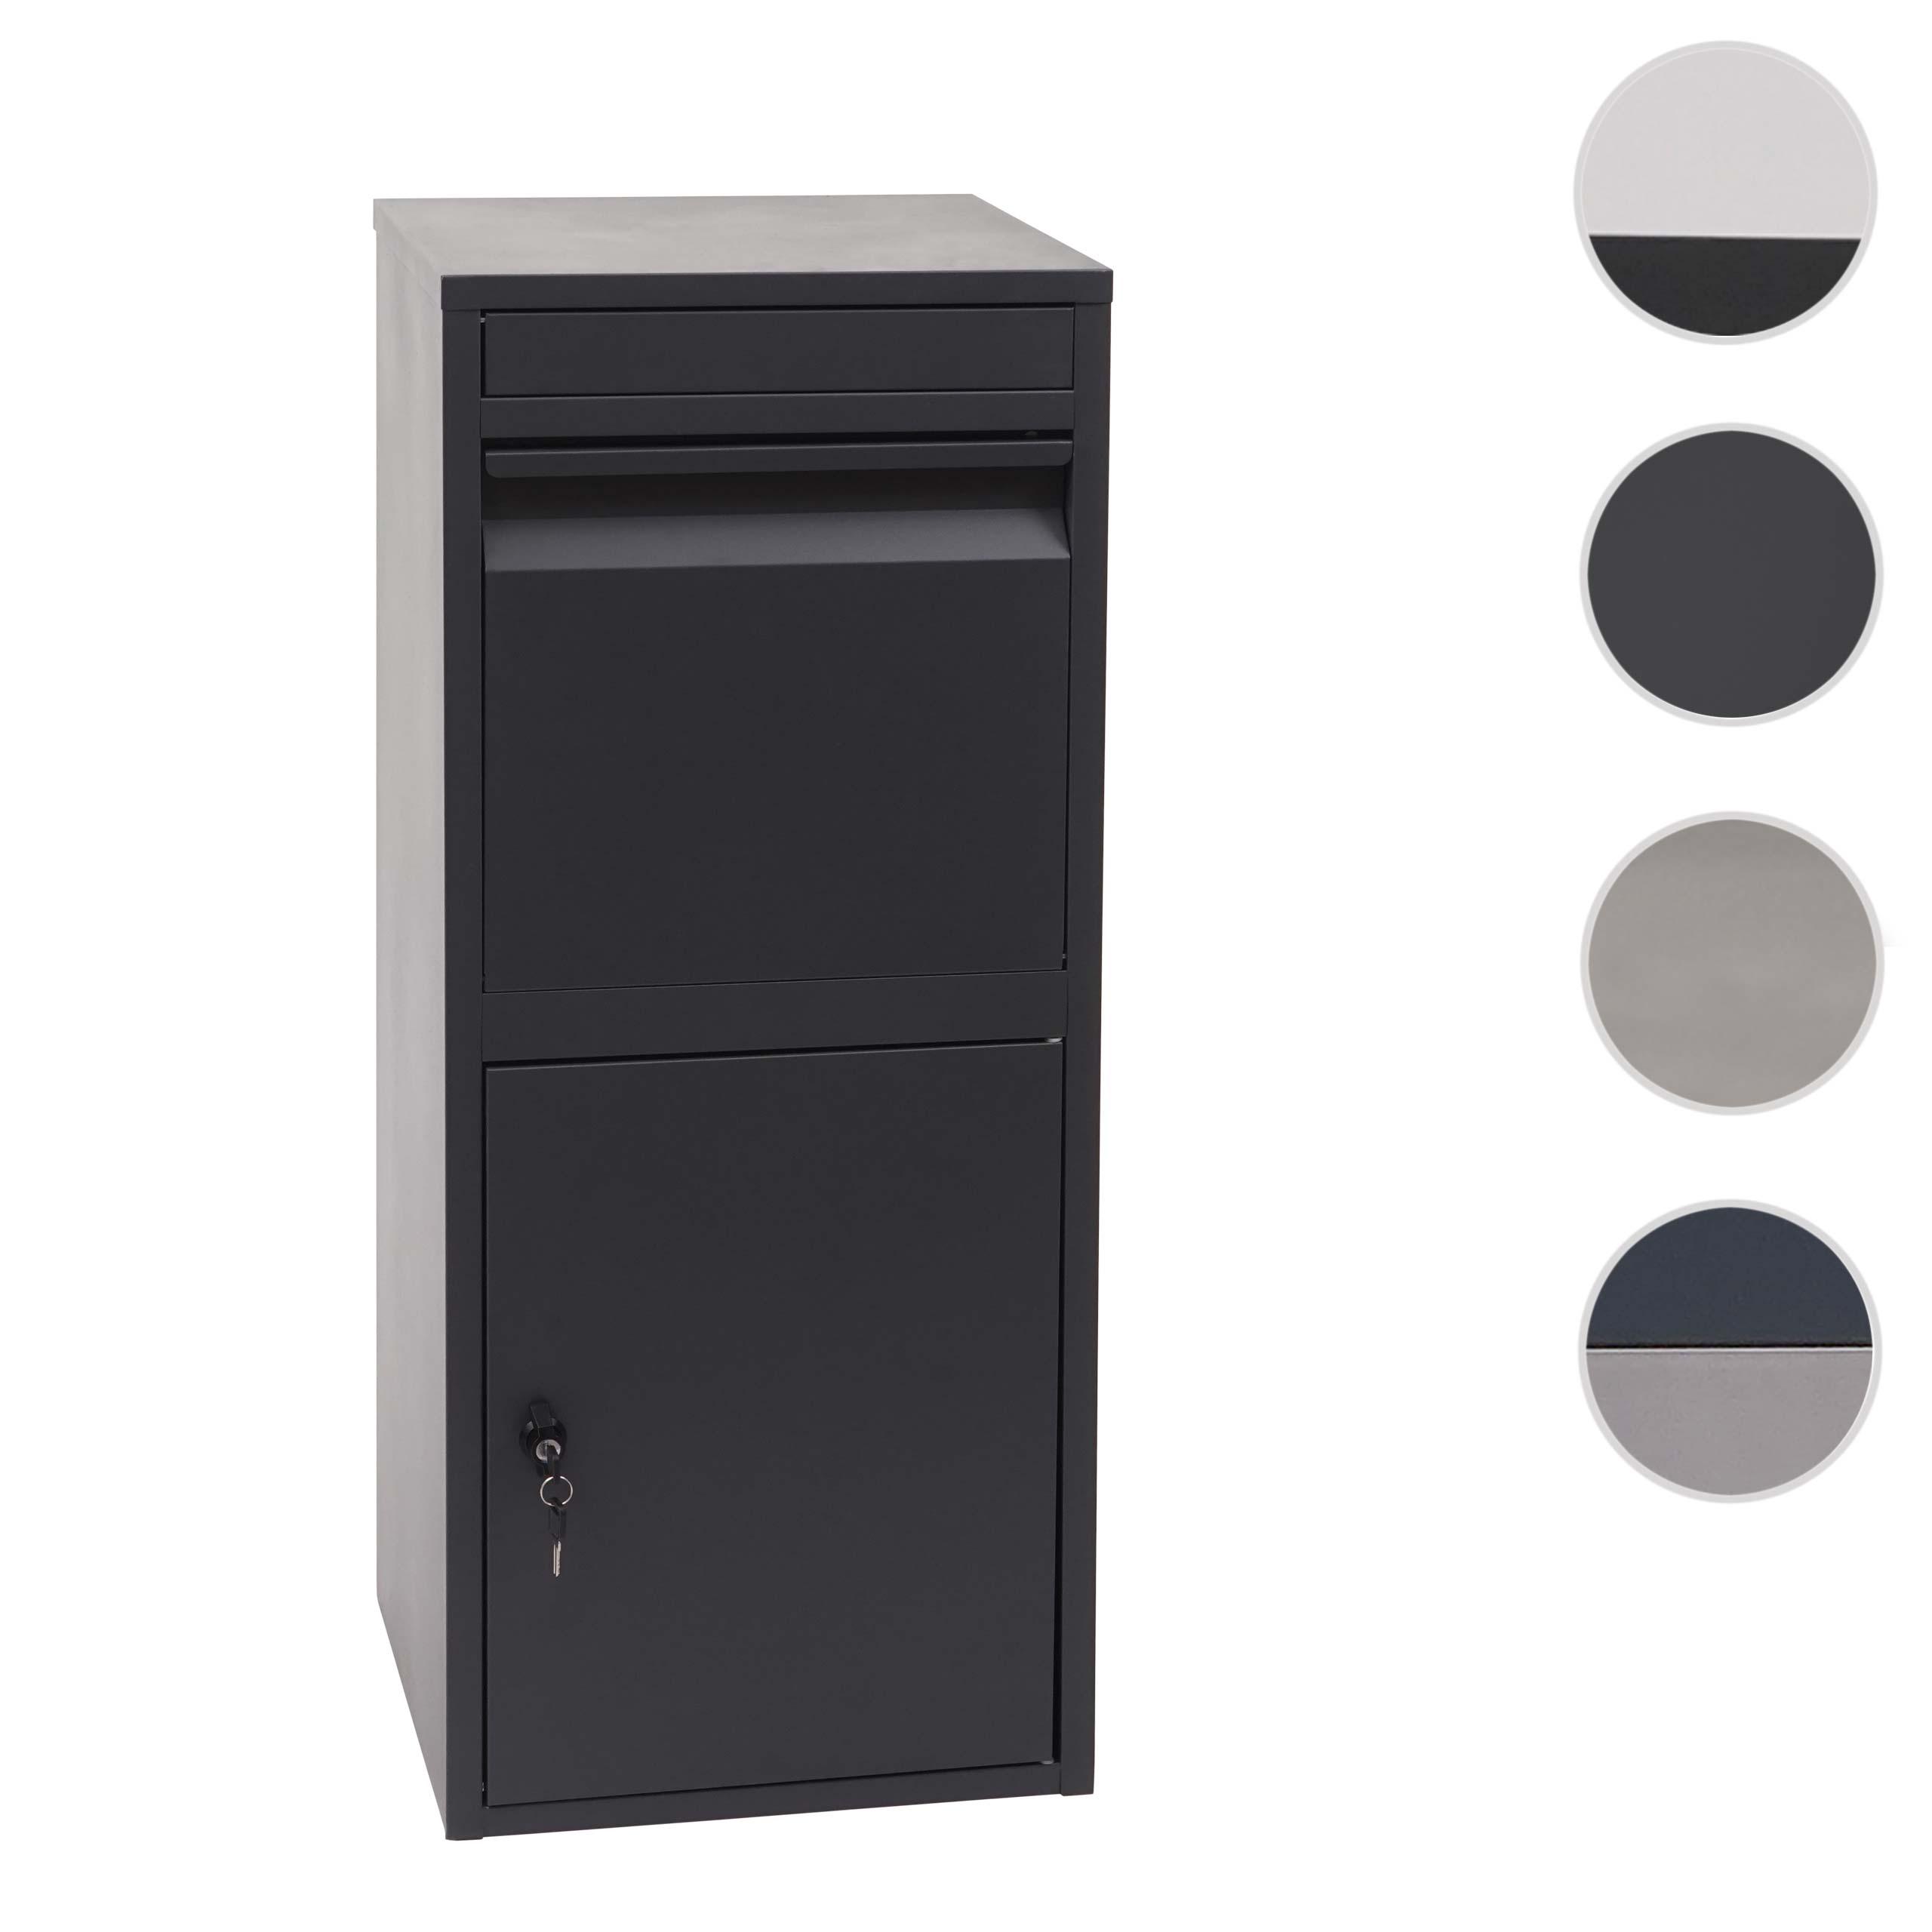 Mendler Paketkasten HWC-G80, Paketbox Standbriefkasten Paketbriefkasten Briefkasten ~ Variantenangebot 72093